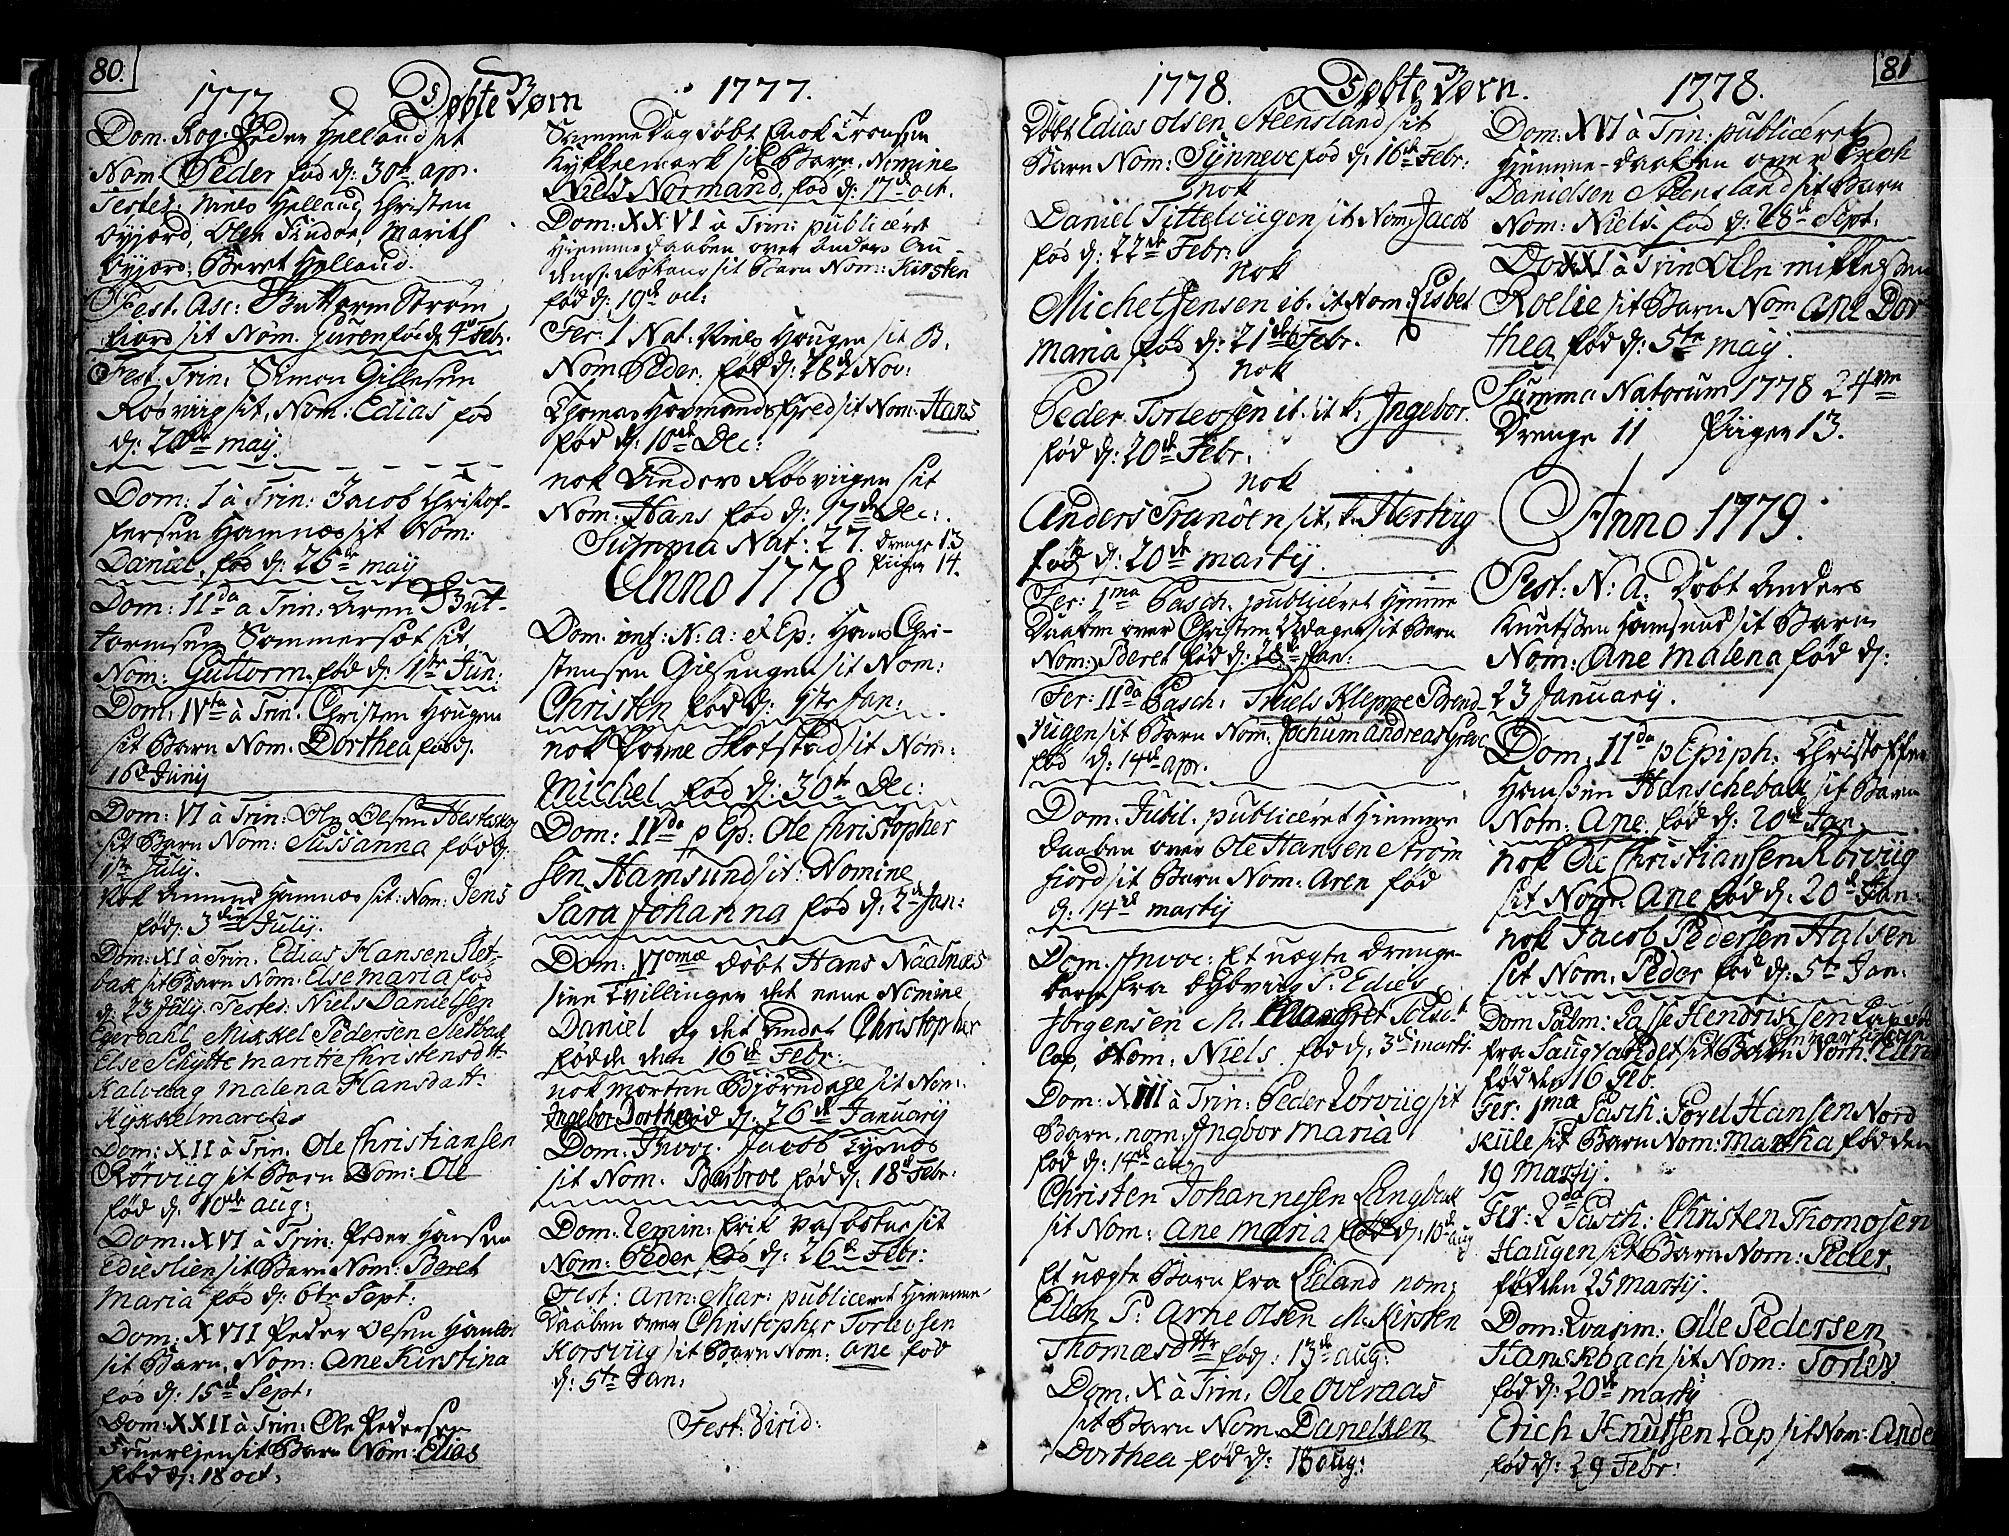 SAT, Ministerialprotokoller, klokkerbøker og fødselsregistre - Nordland, 859/L0841: Parish register (official) no. 859A01, 1766-1821, p. 80-81